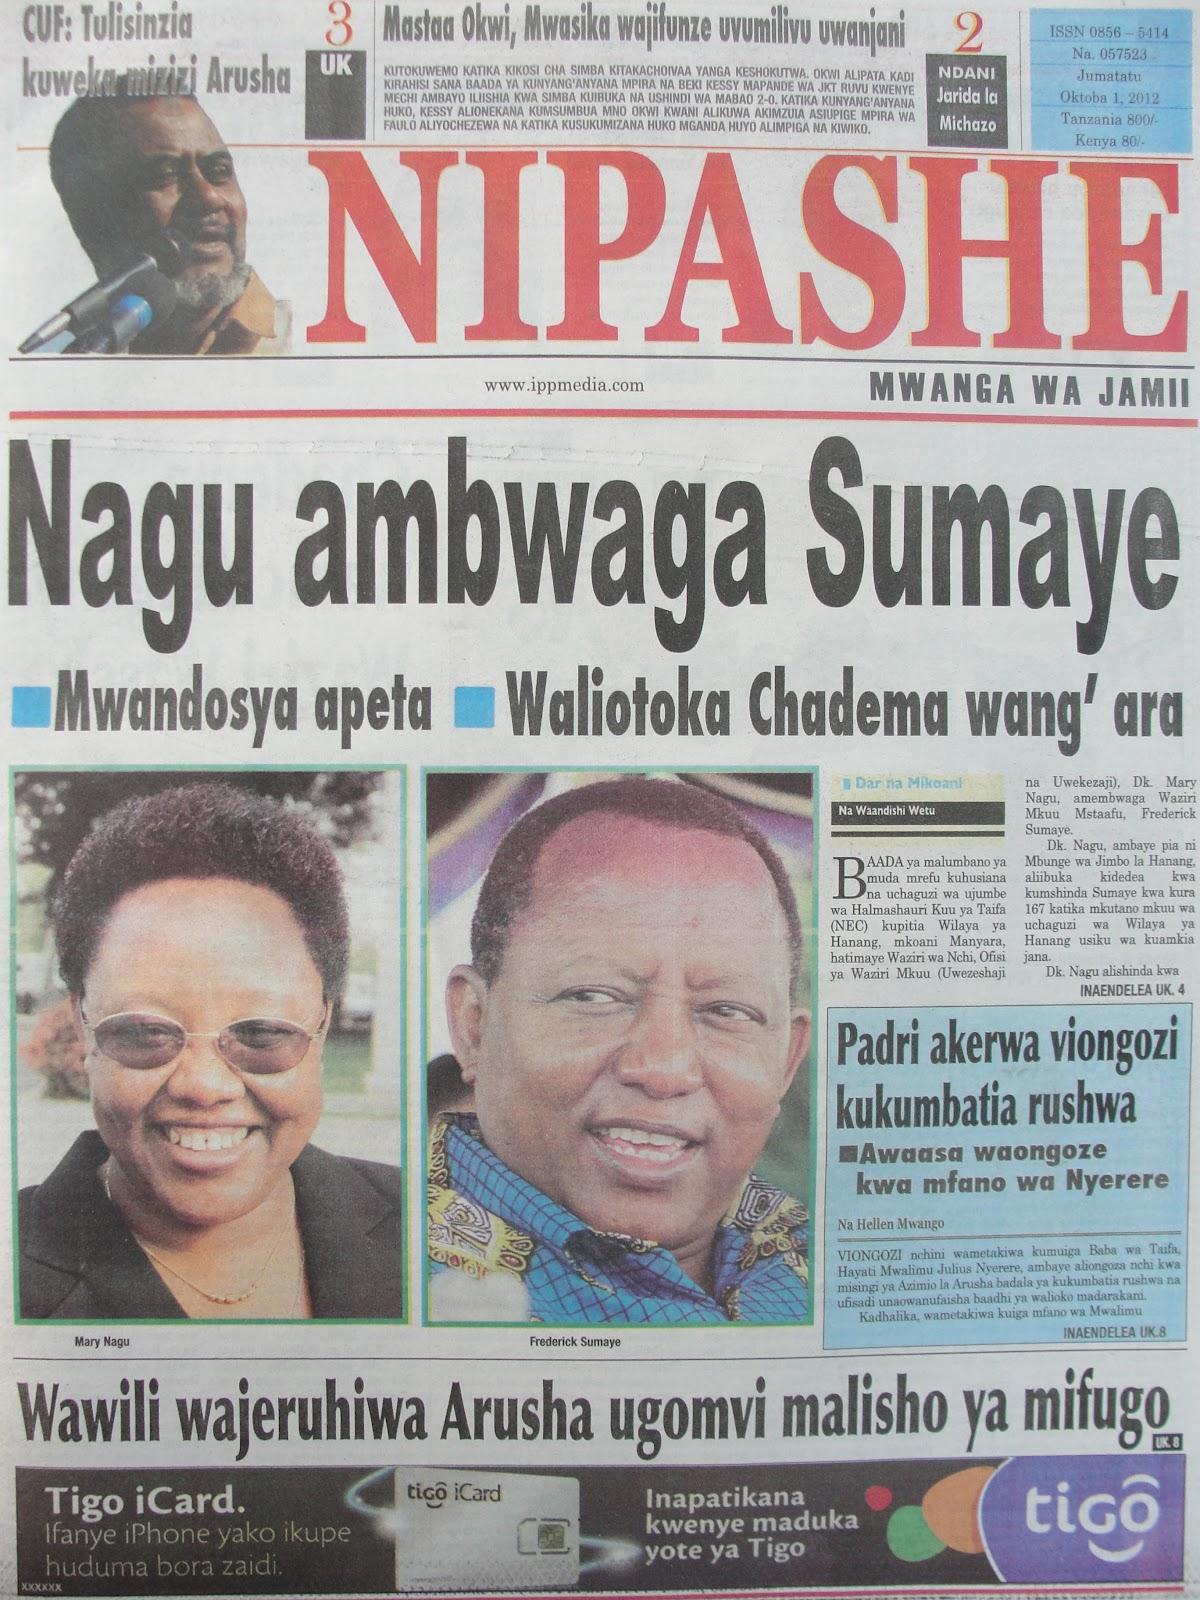 Related to picha za utupu- Tanzania wanawake uchi uchi